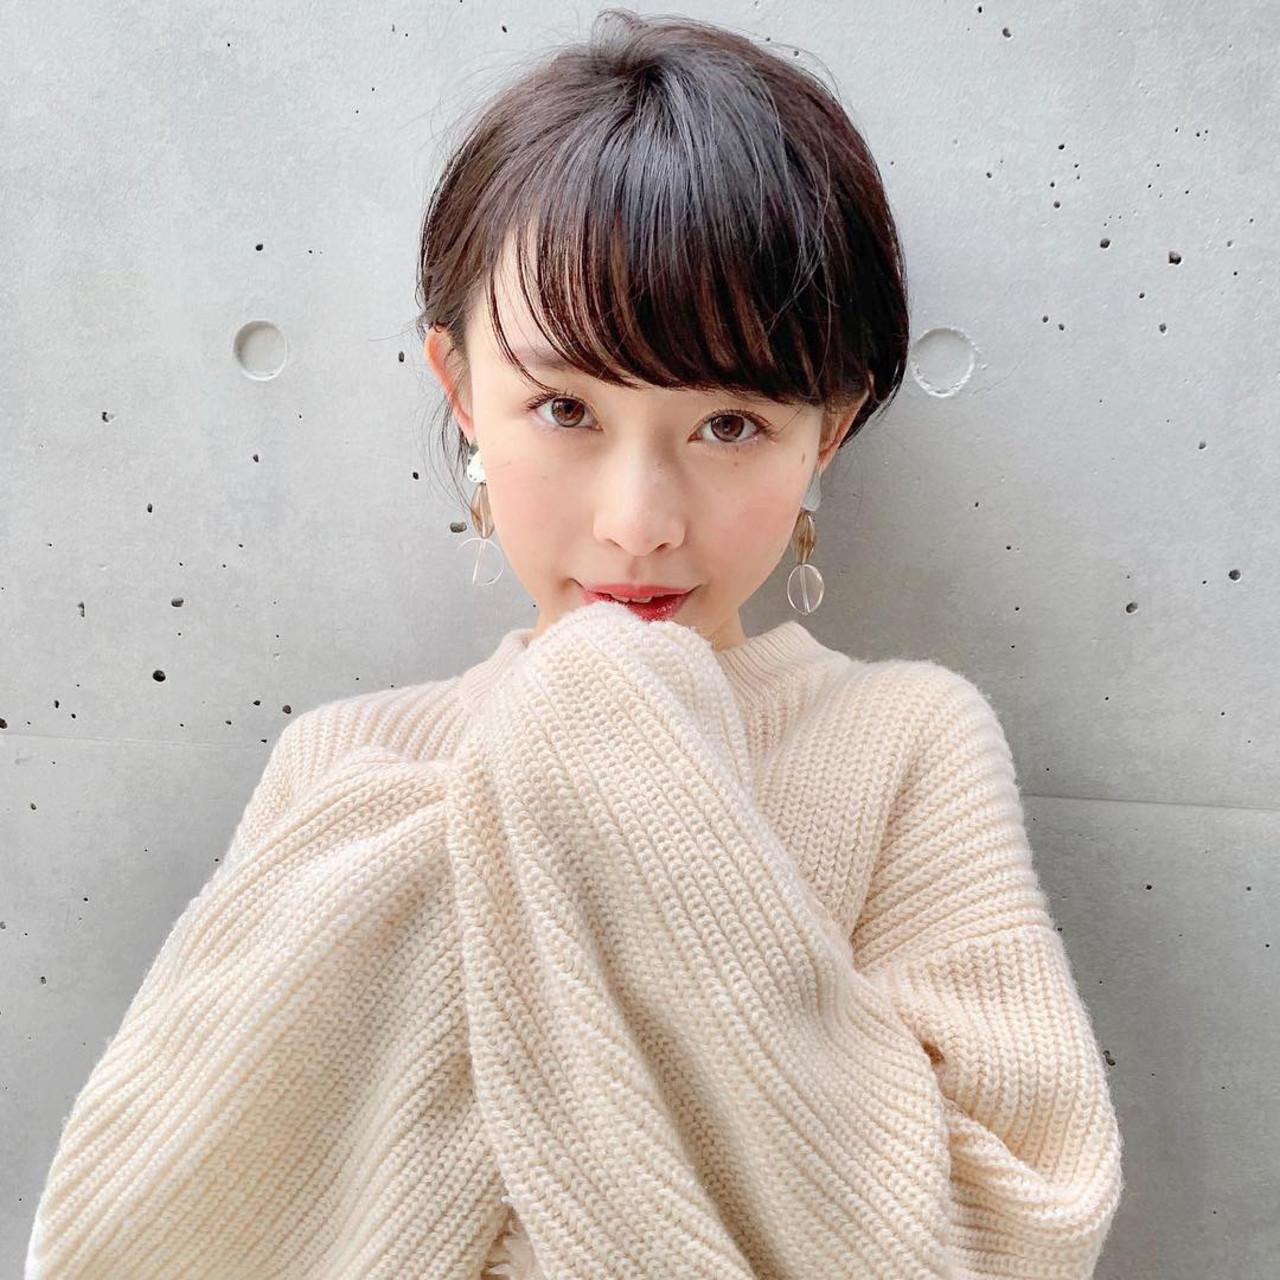 アンニュイほつれヘア ナチュラル 簡単ヘアアレンジ デート ヘアスタイルや髪型の写真・画像